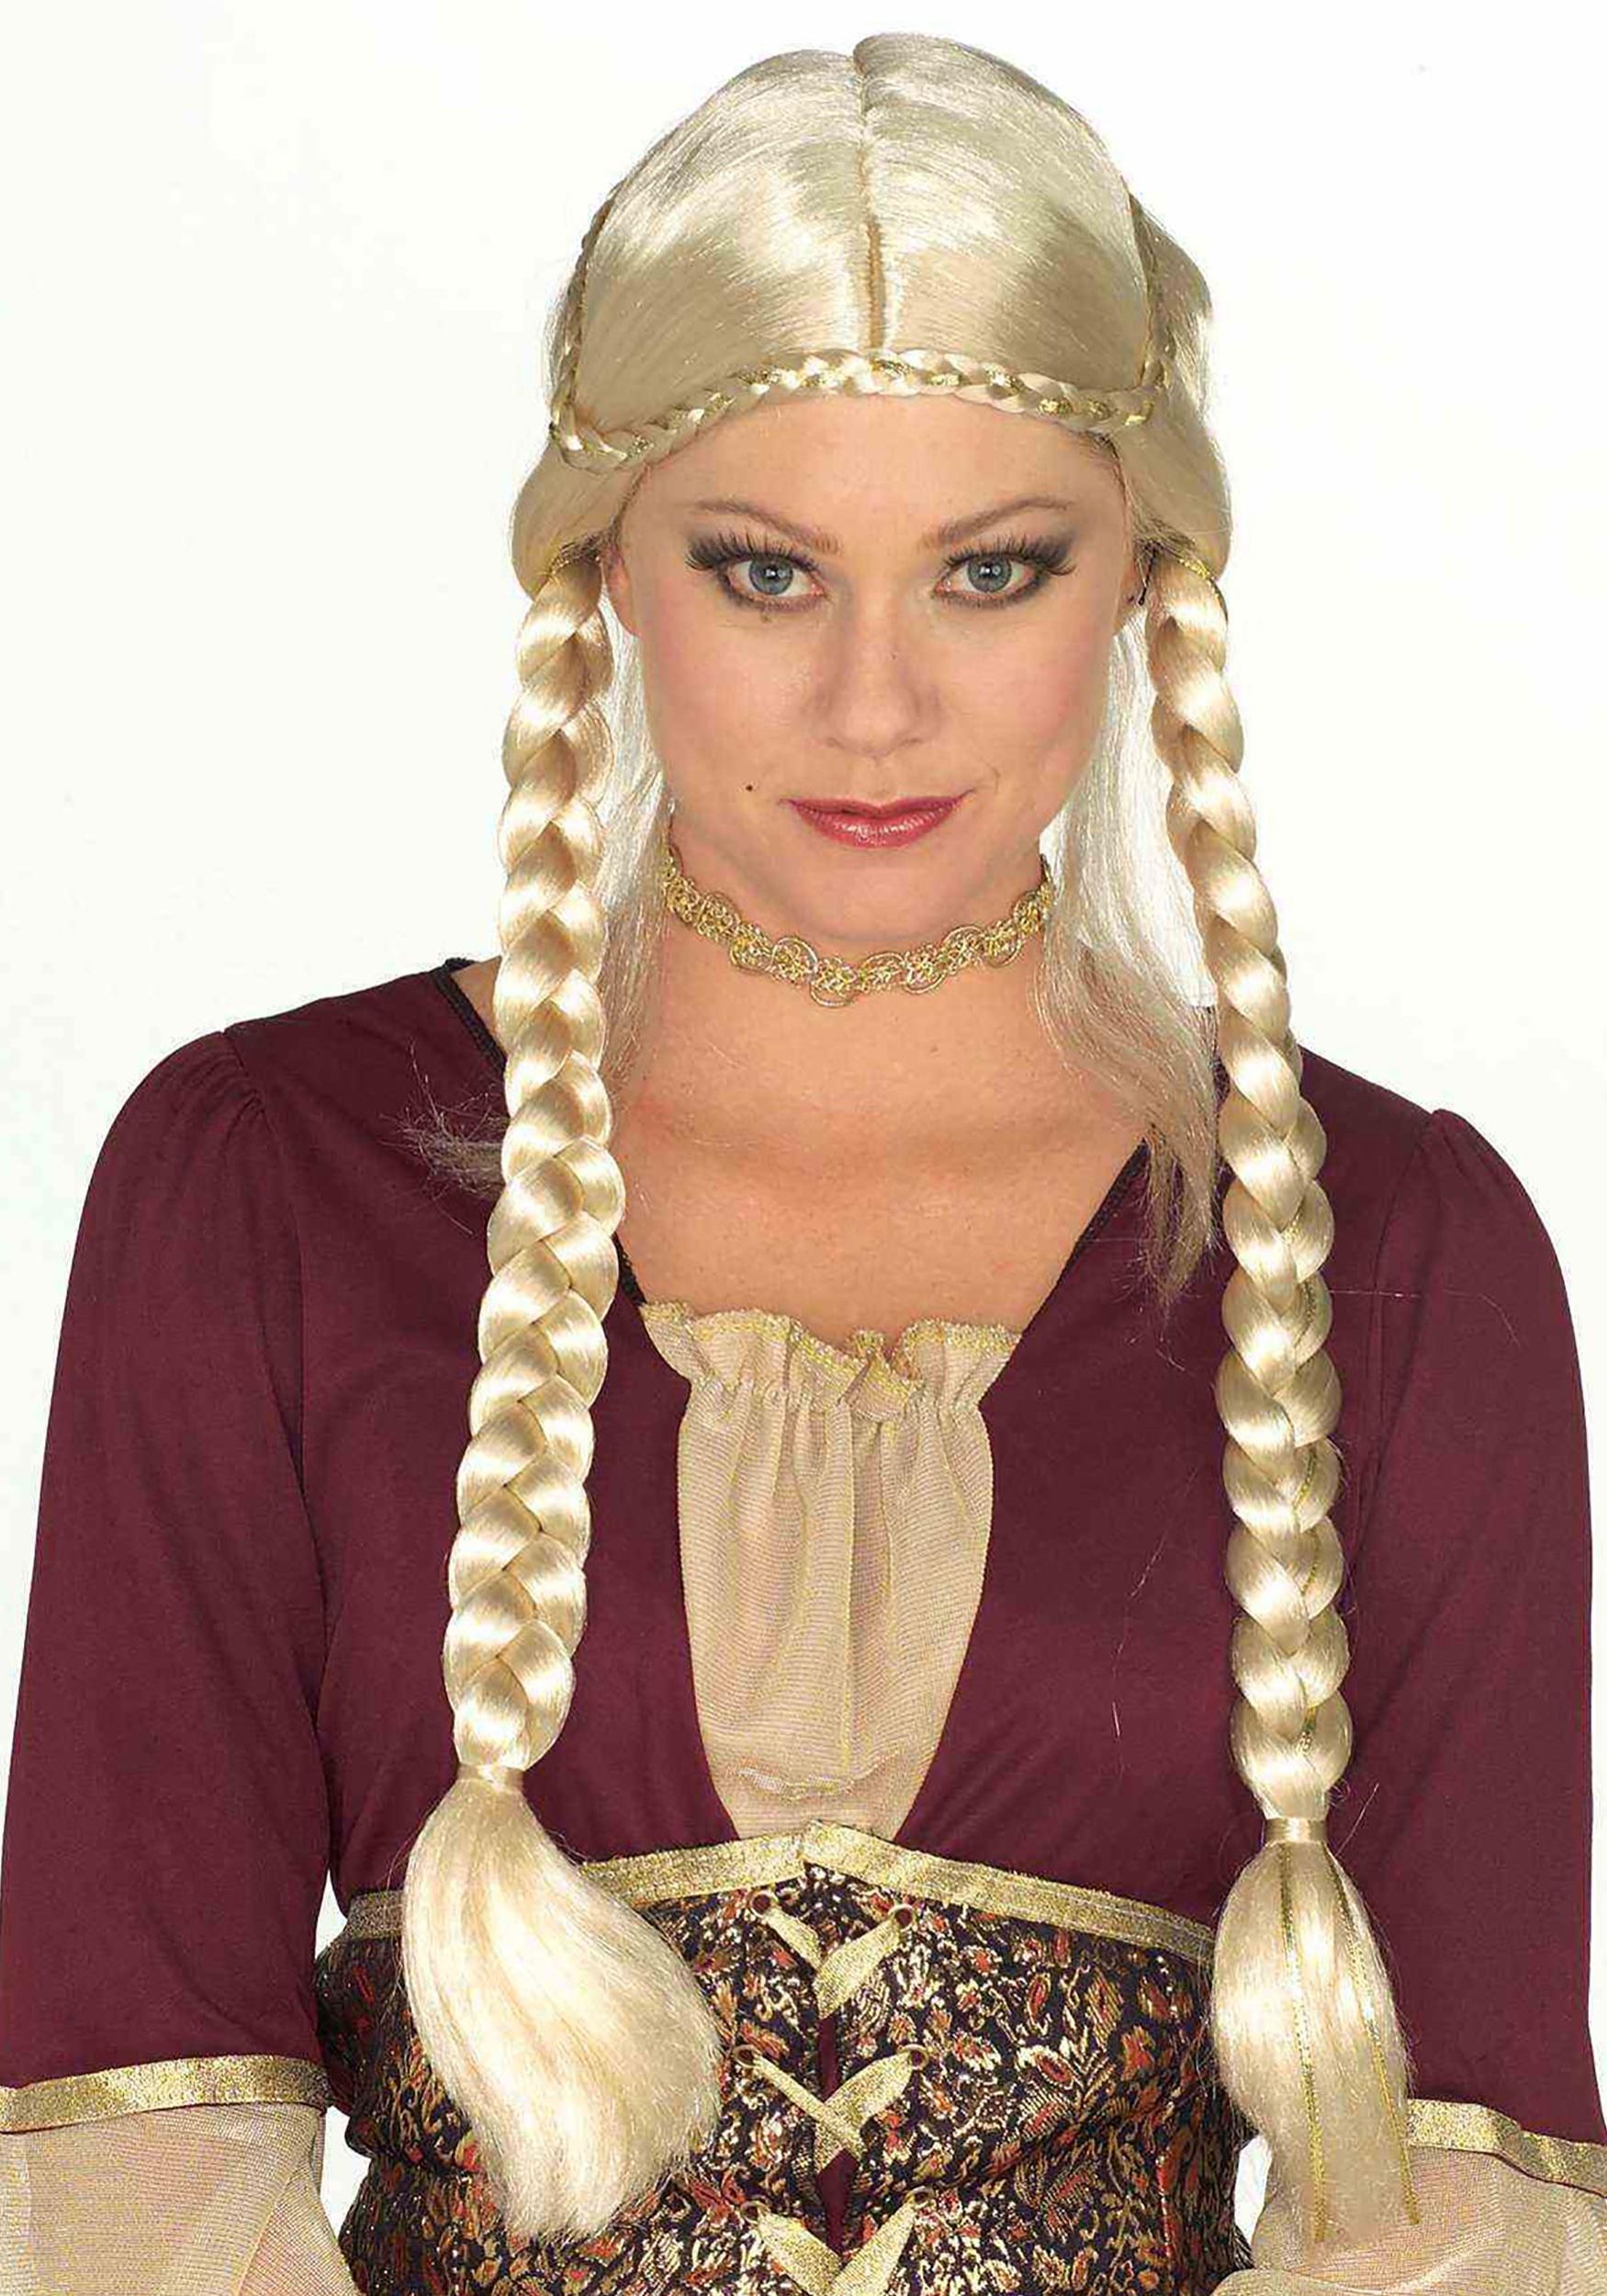 Blonde Renaissance Women's Braided Wig